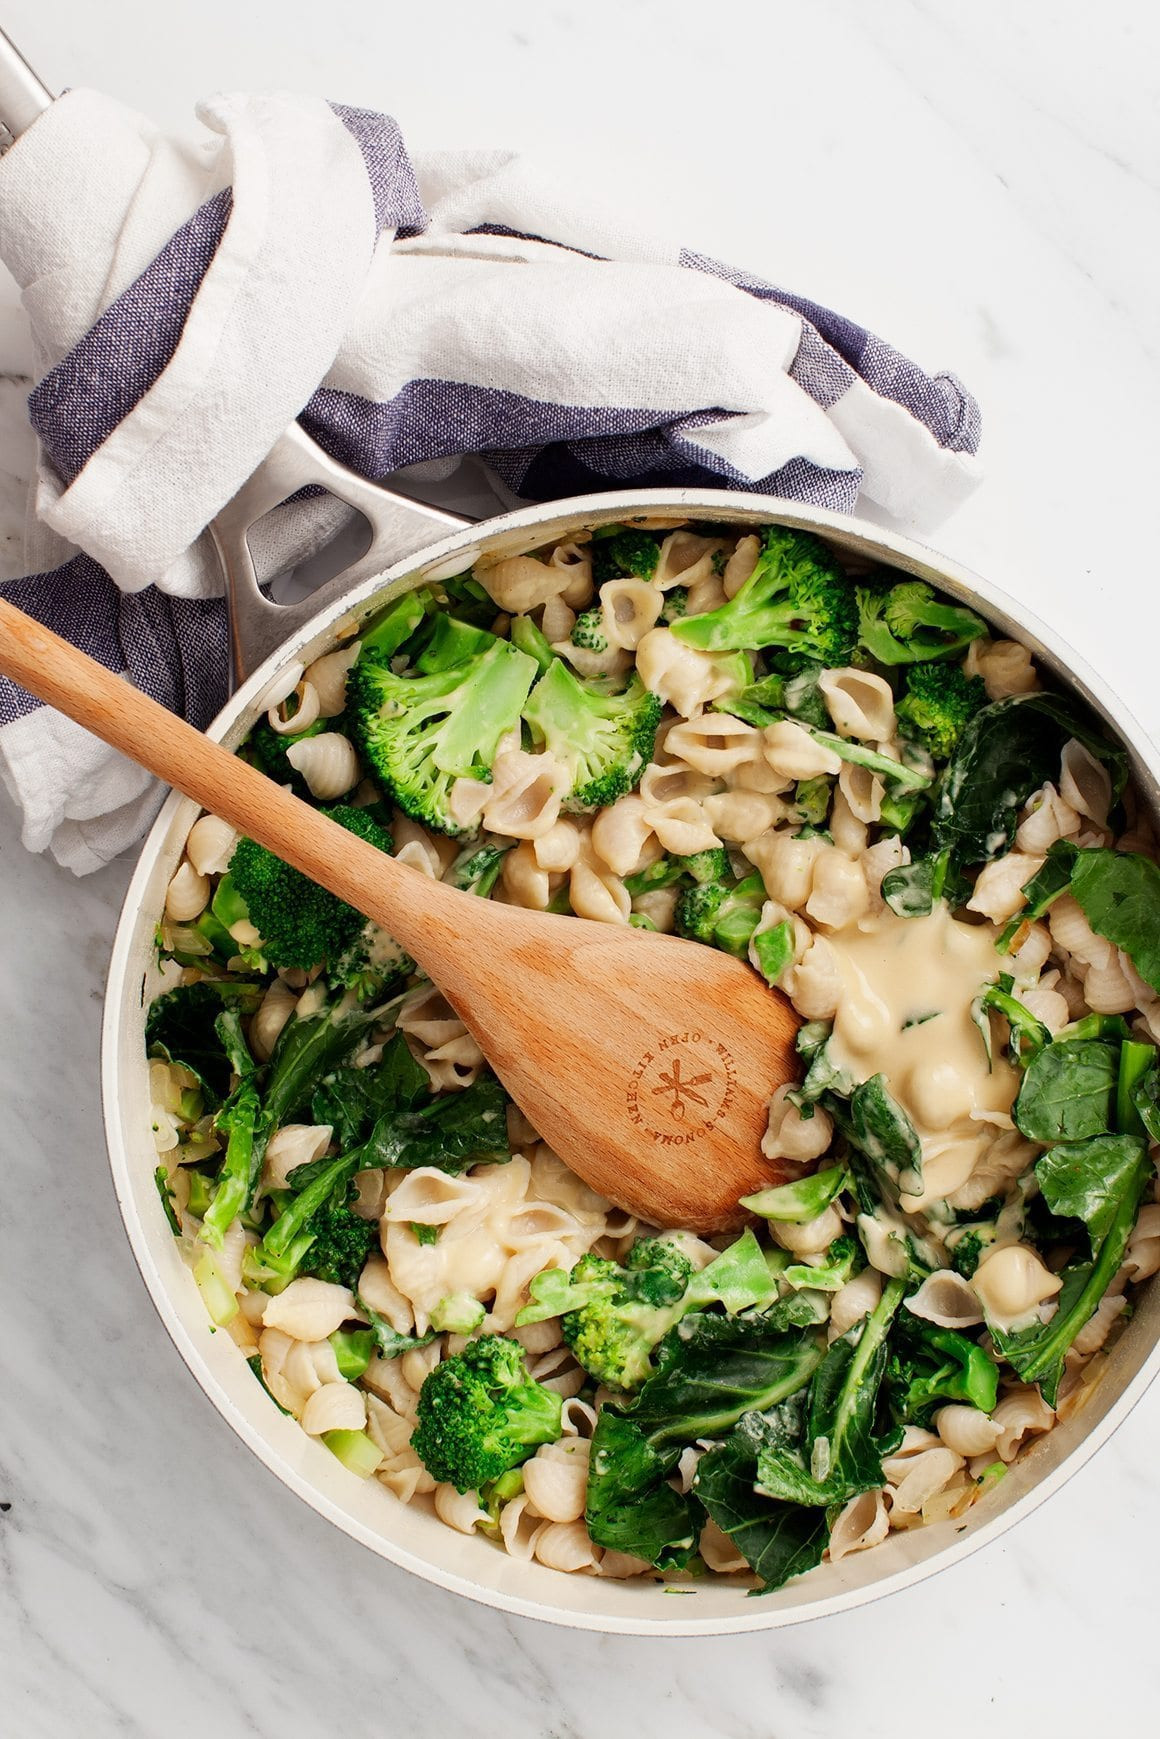 Best Vegetarian Dinner Recipes  Healthy Ve arian Dinner Recipes Love and Lemons